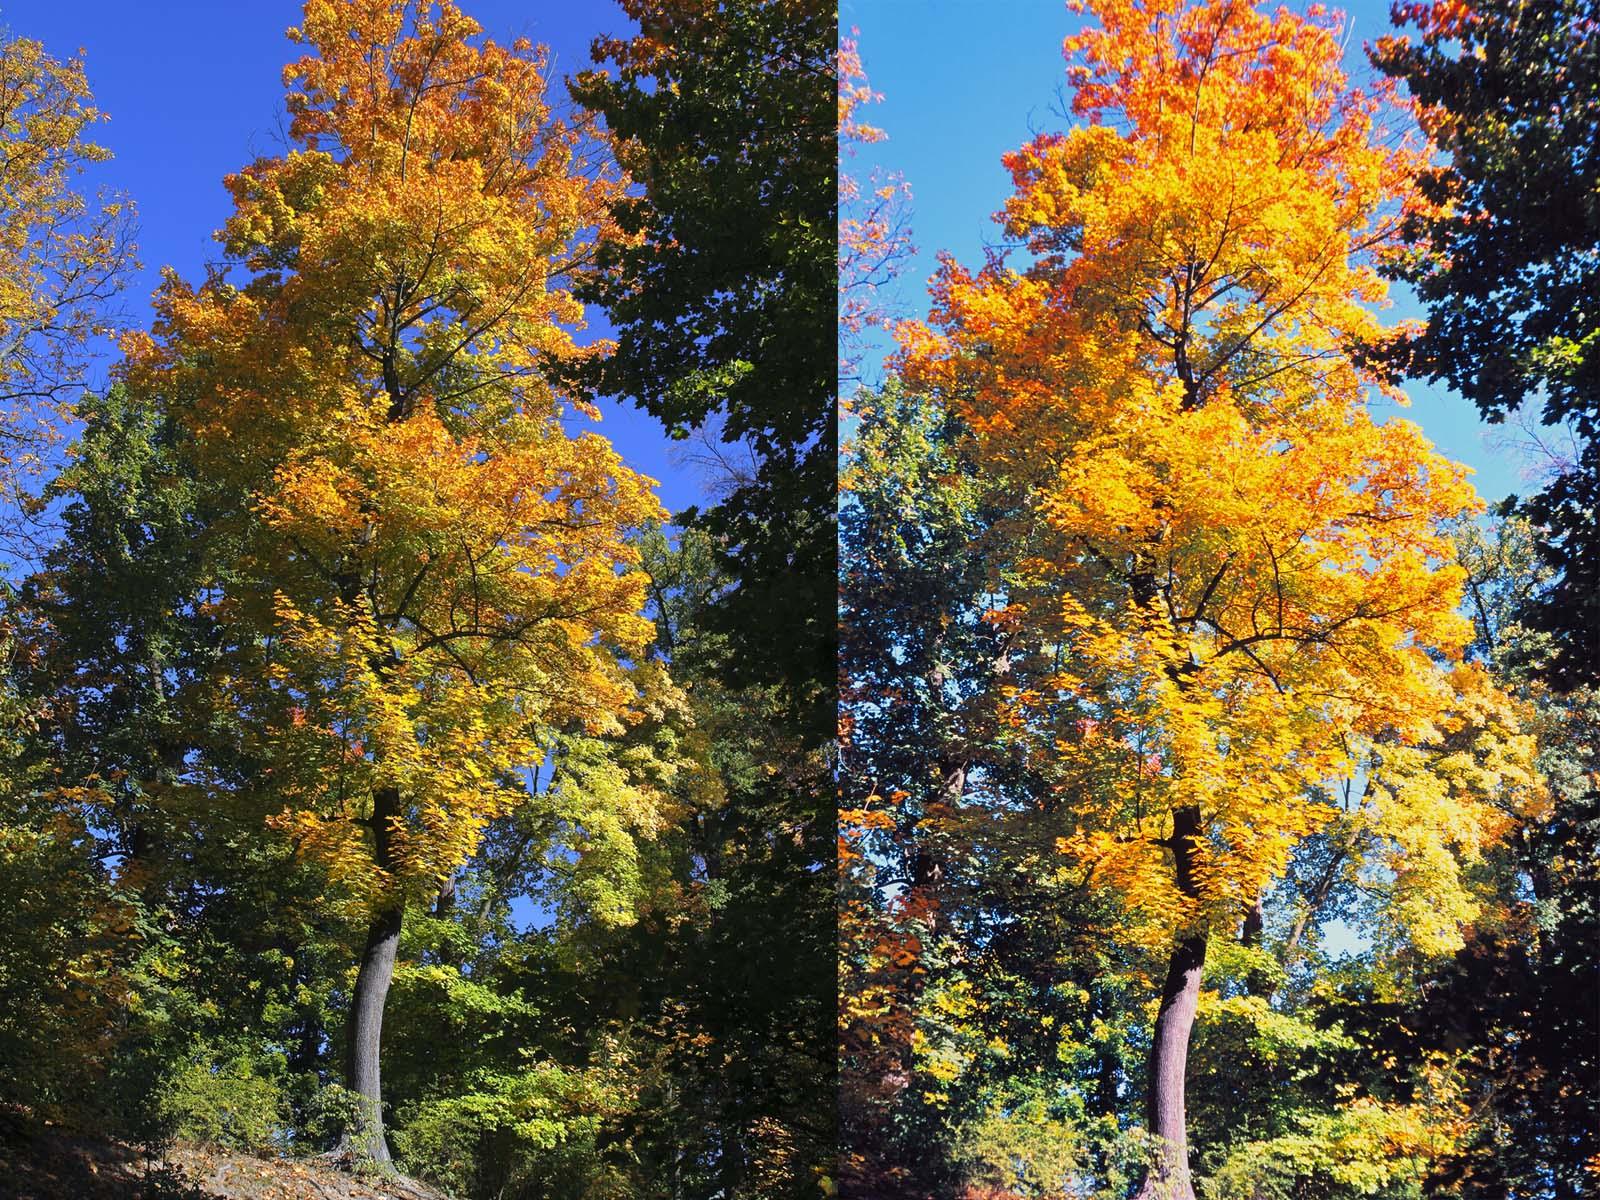 compare_tree_1600